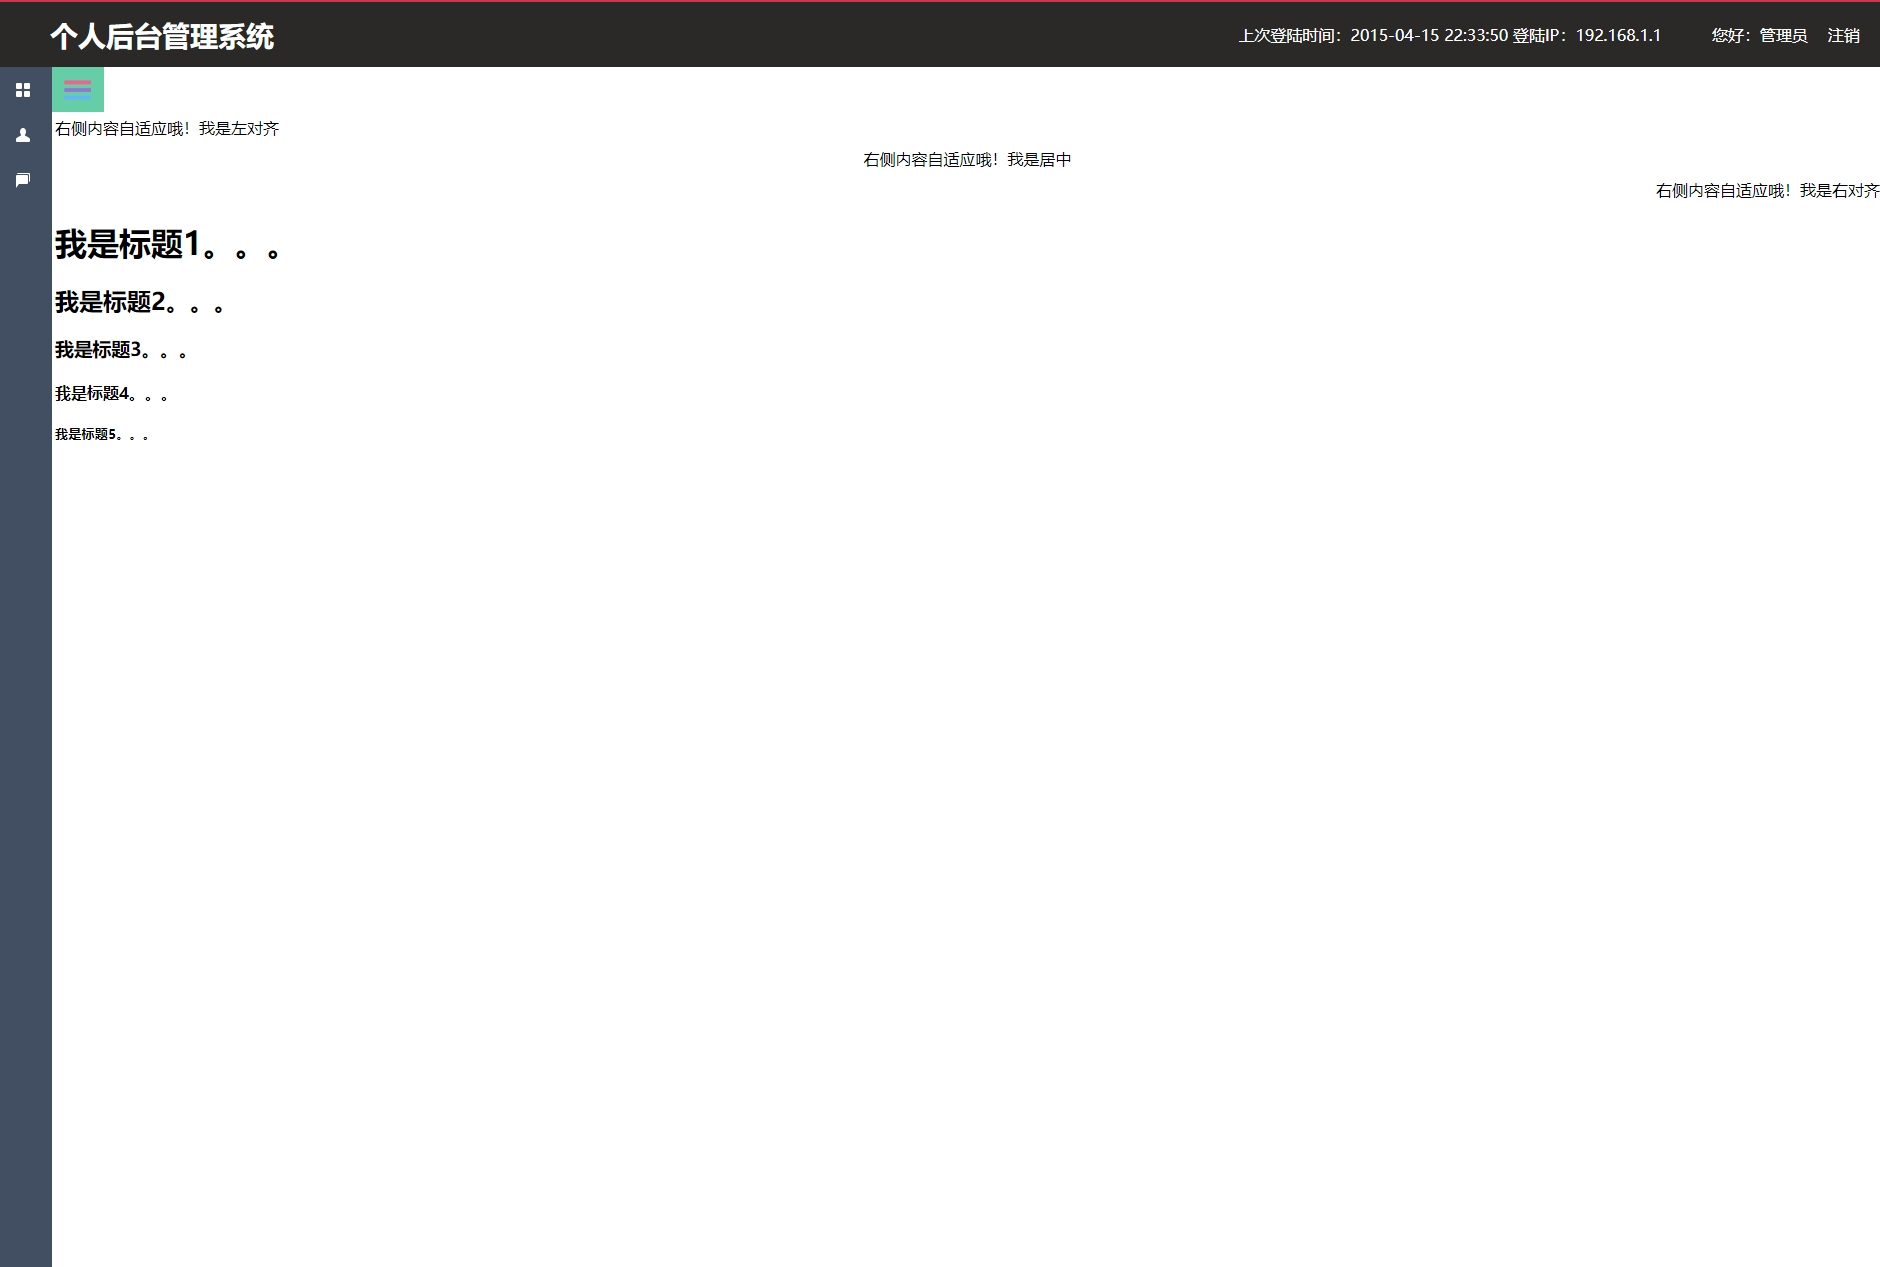 黑色扁平的cms企业后台系统html模板下载